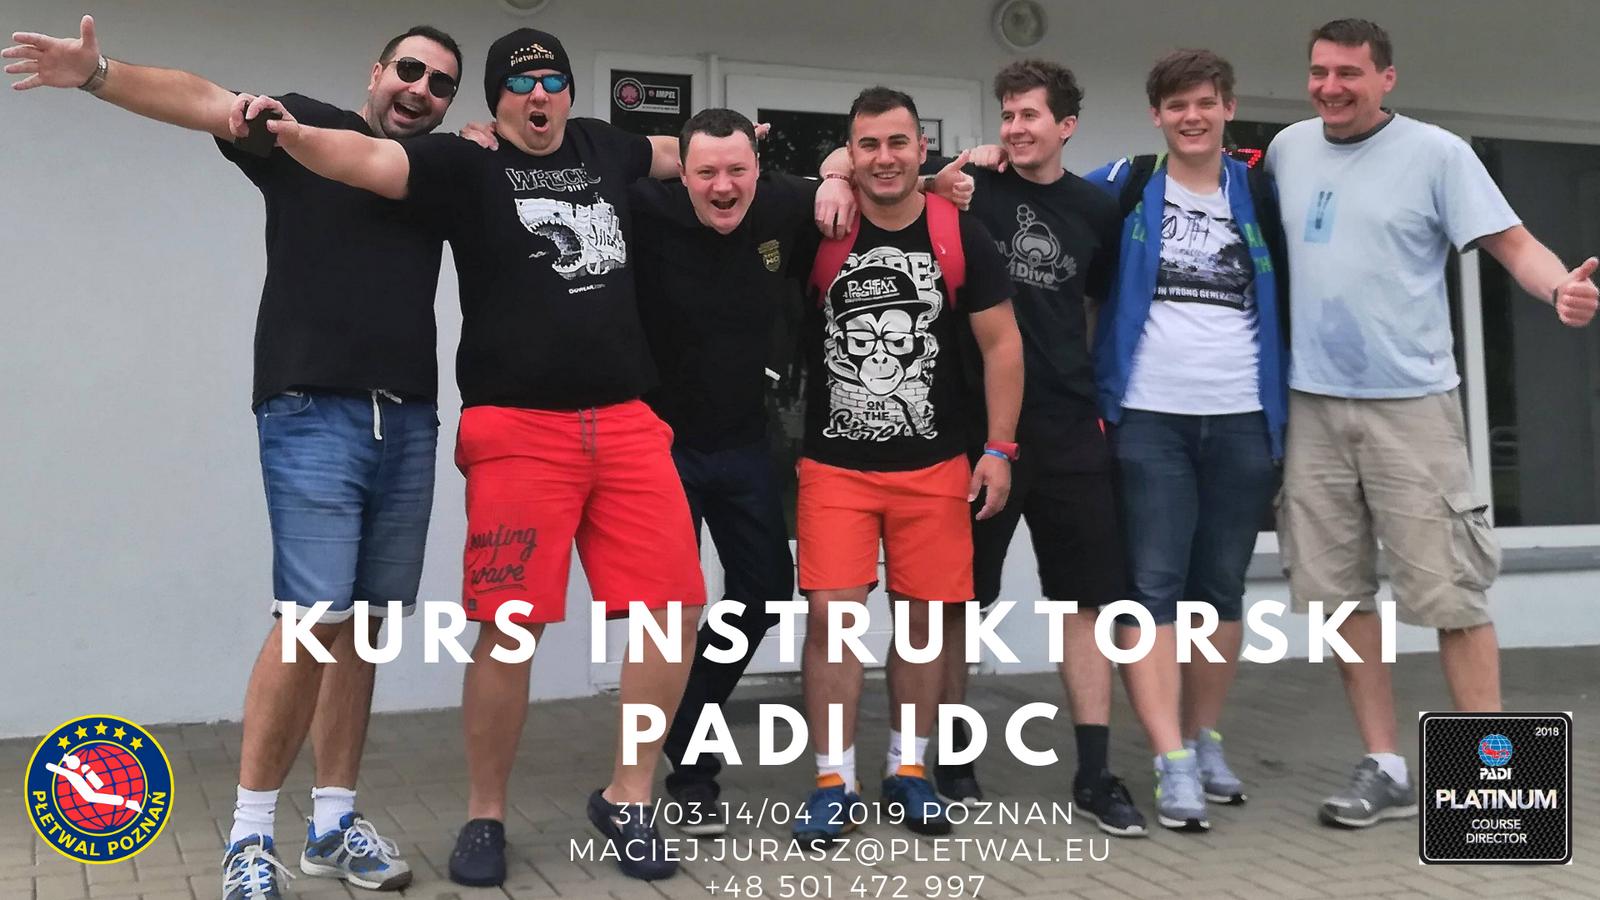 Kurs Instruktorski PADI IDC